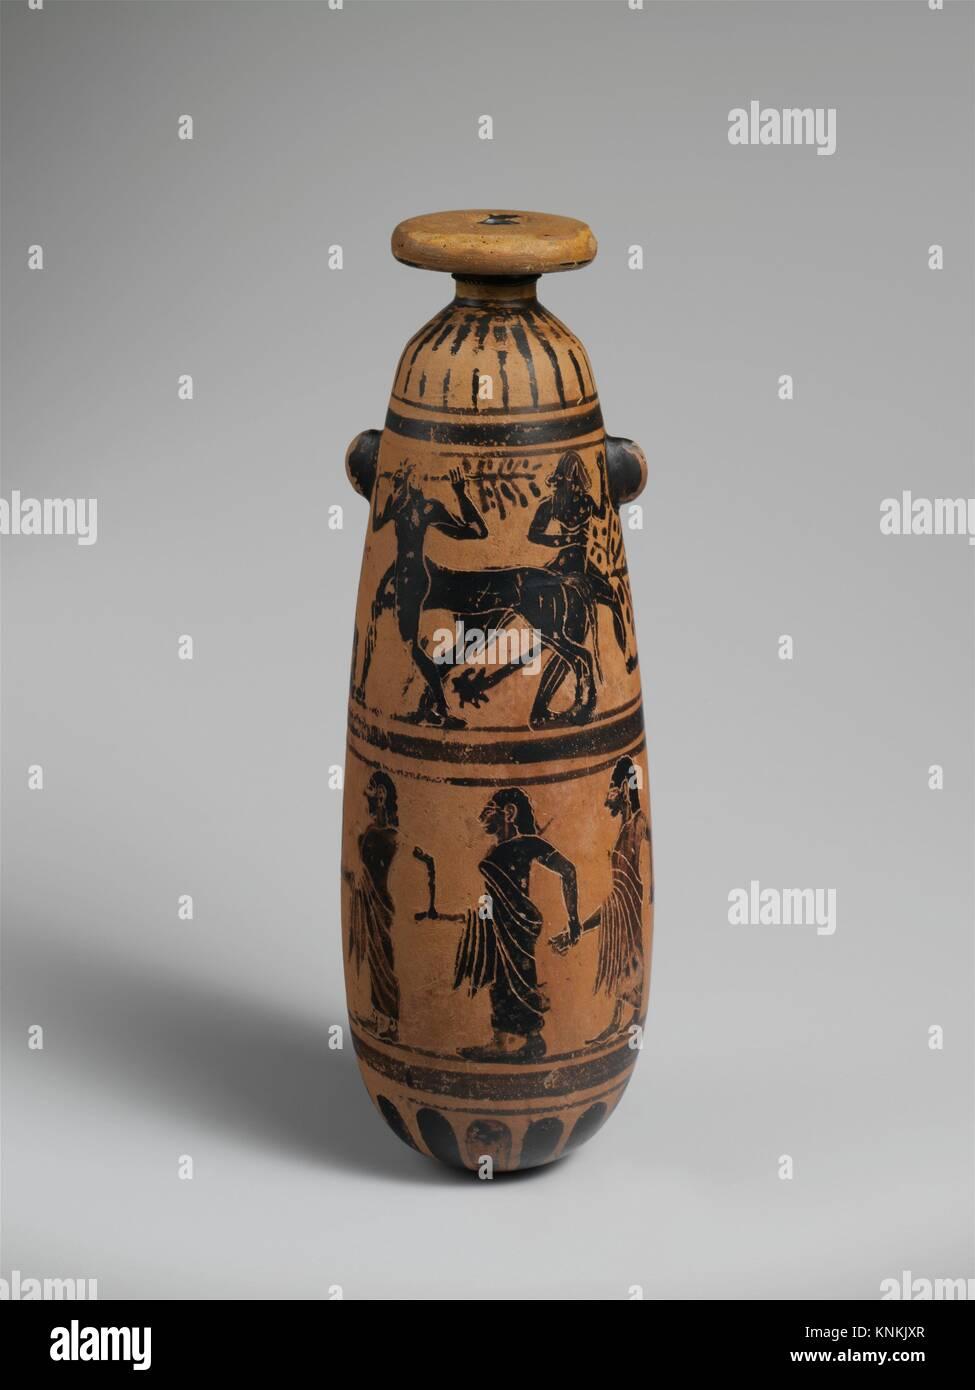 Terracotta alabastron (perfume vase). Period: Archaic; Date: 6th century B.C; Culture: Etruscan; Medium: Terracotta; - Stock Image